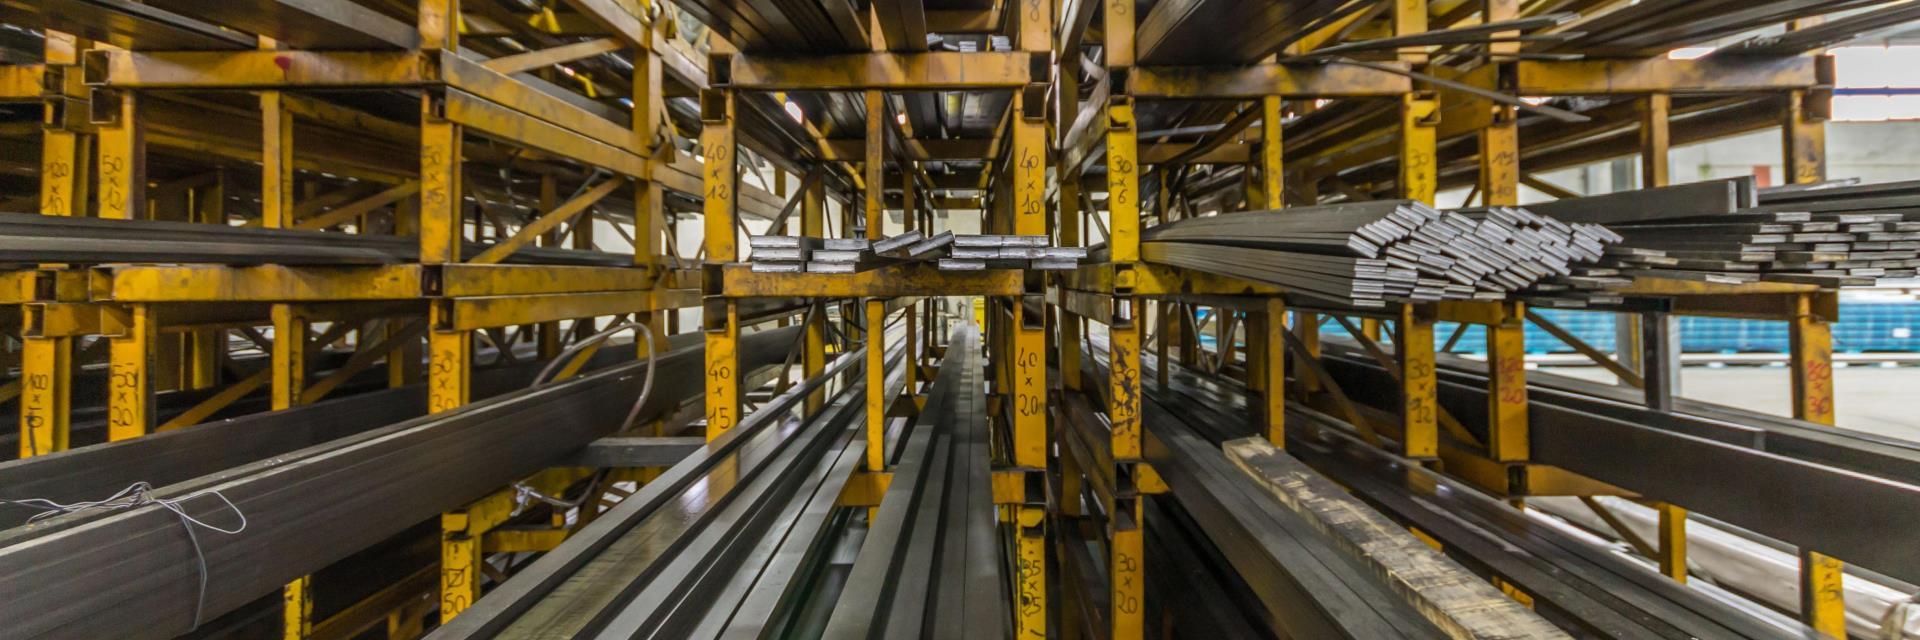 ferro acciao alluminio ferrara bologna ravenna